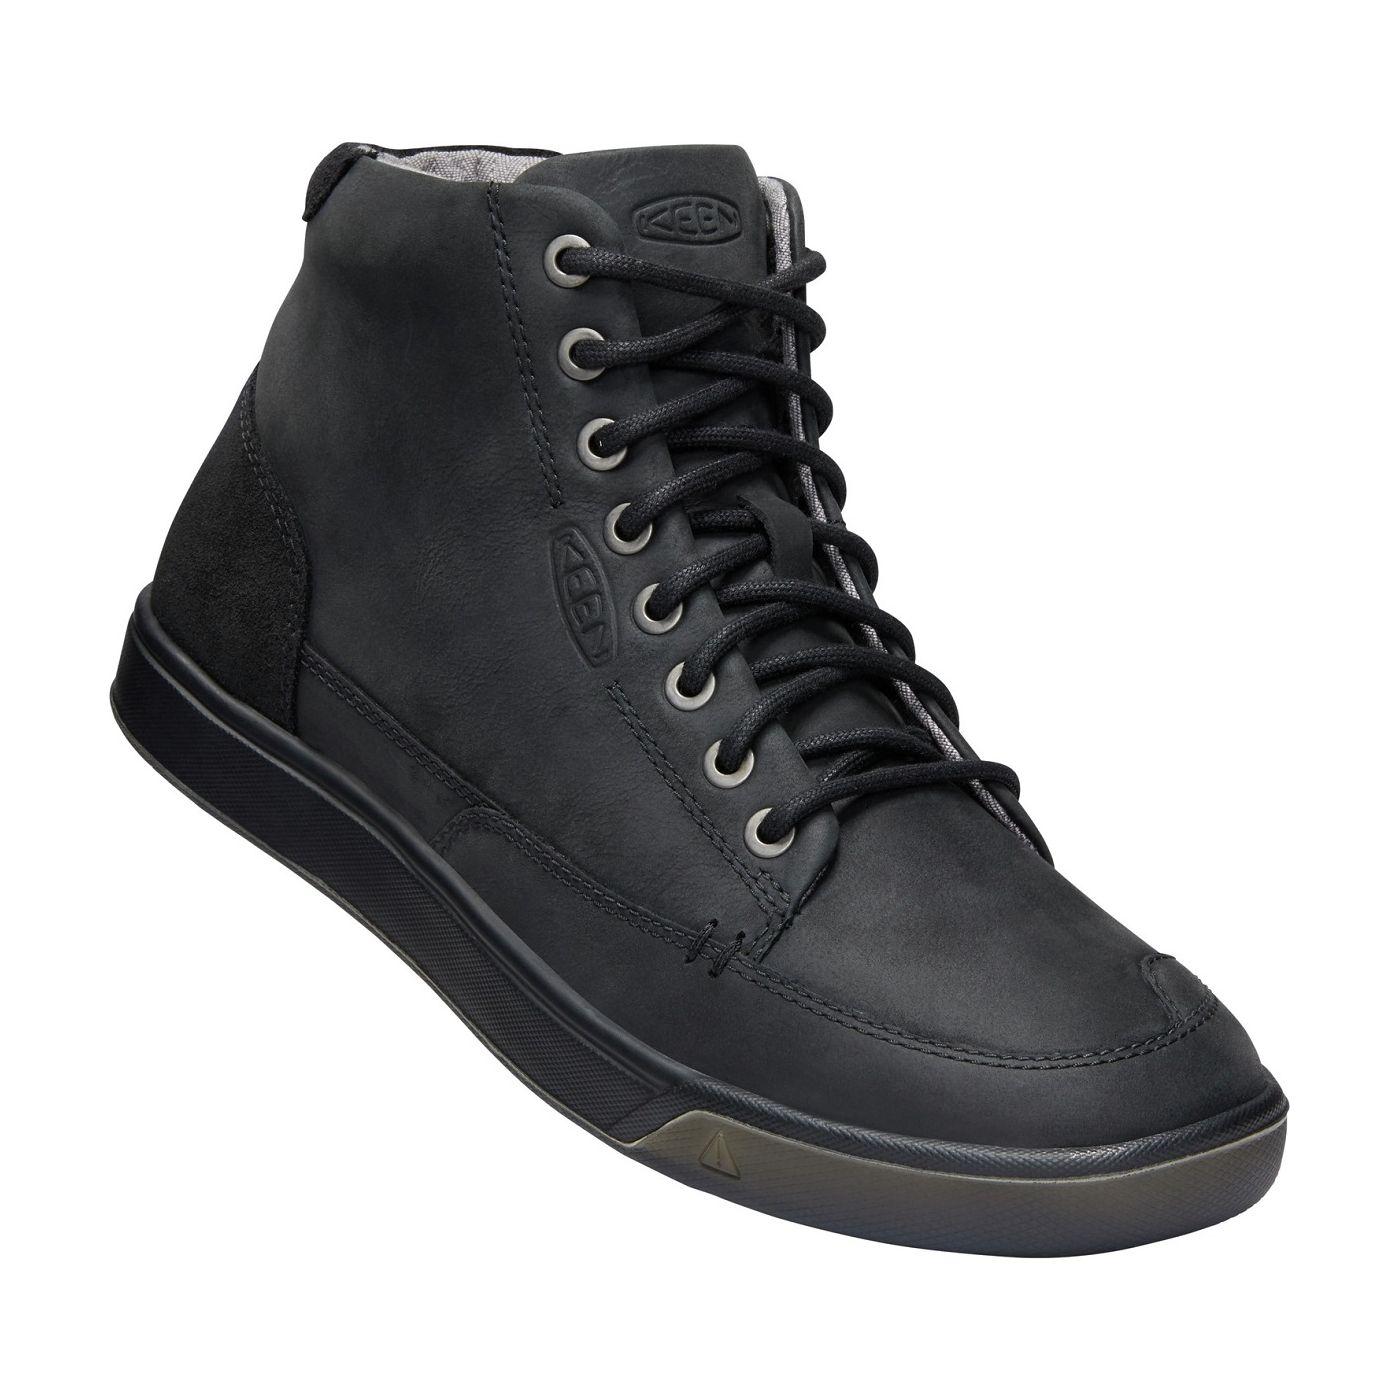 Men's outdoor shoes KEEN GLENHAVEN SNEAKER MID M